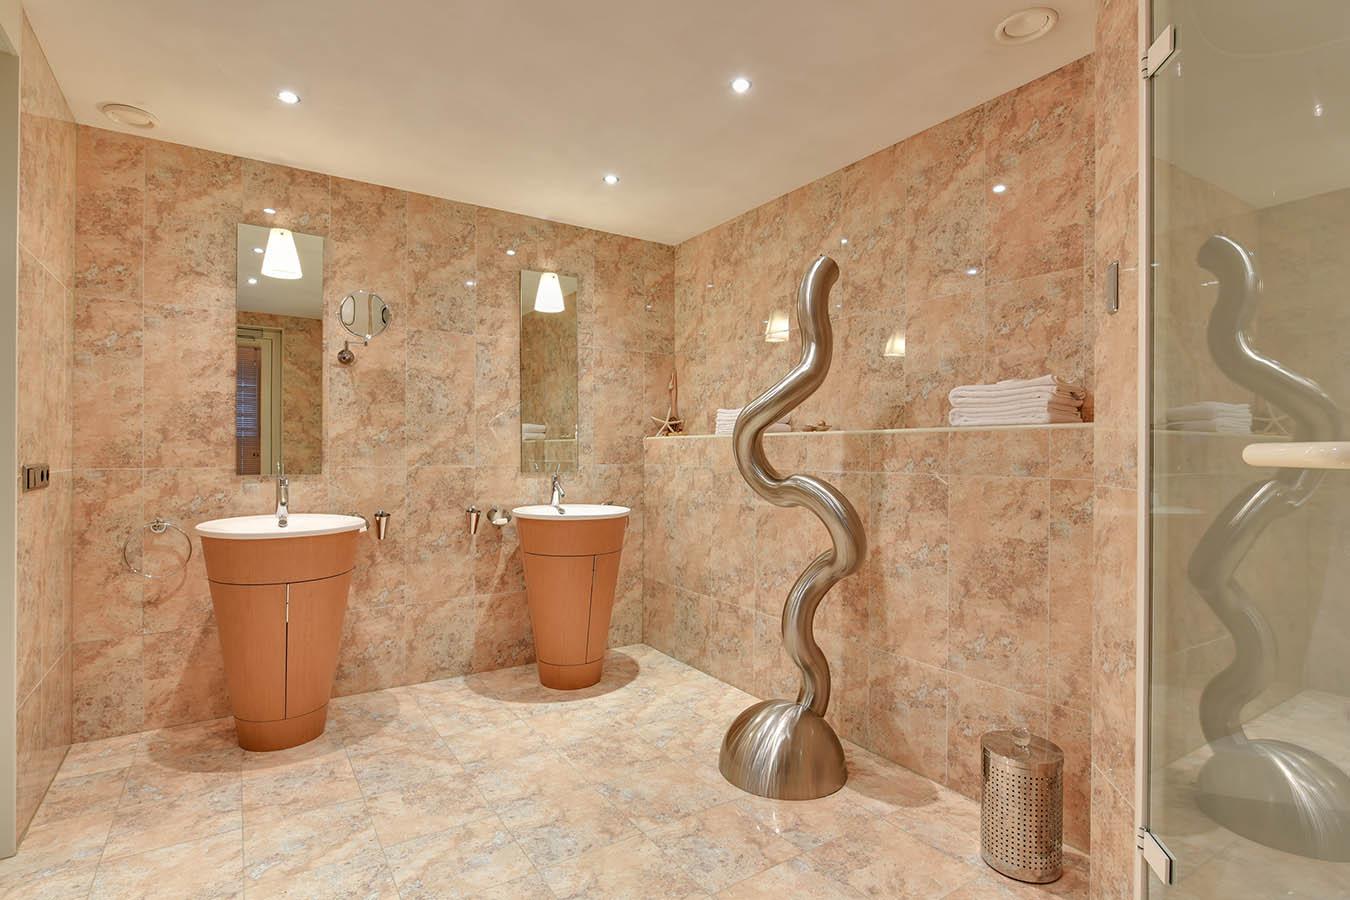 lelijke moderne kunst in badkamer